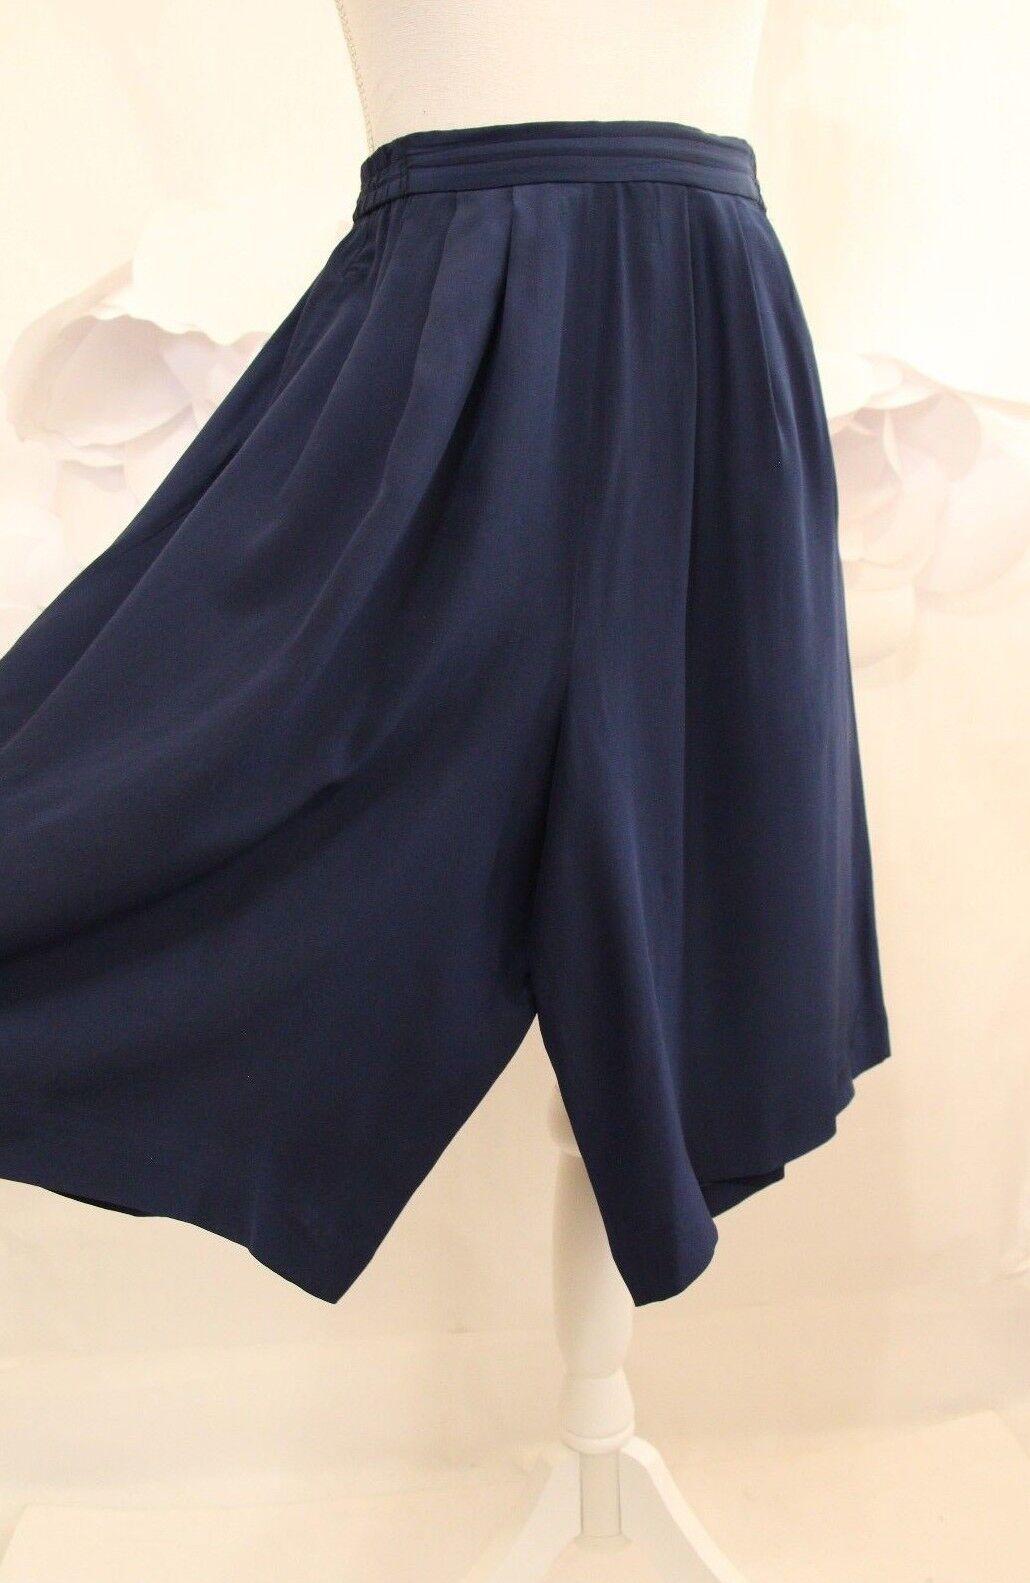 DIANE VON FURSTENBERG DVF Pleated Silk Wide Leg Shorts XS S Navy bluee Knee Lgth